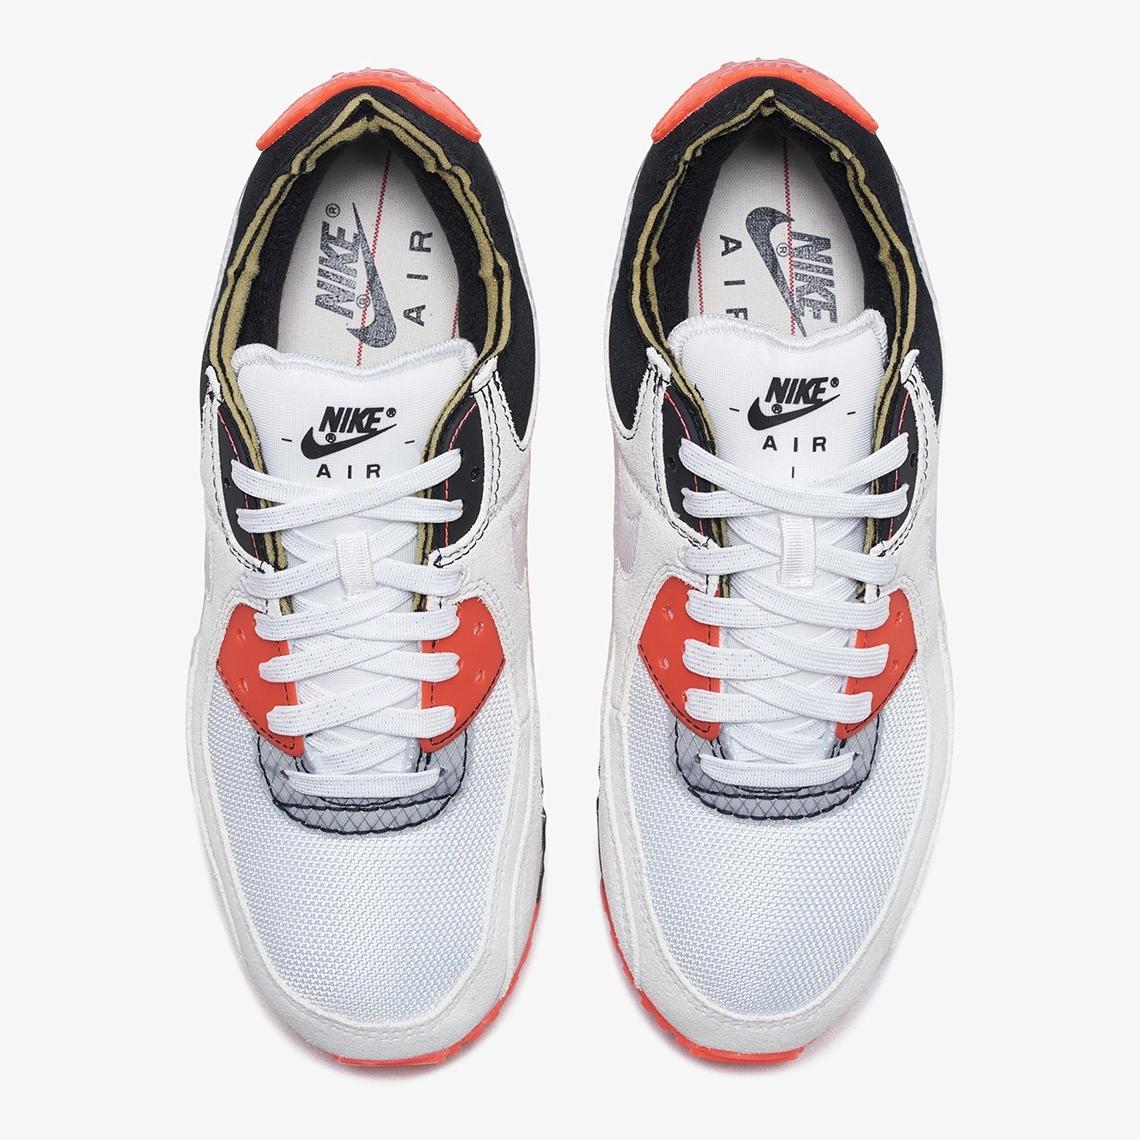 Nike Air Max 90 DC7856-100